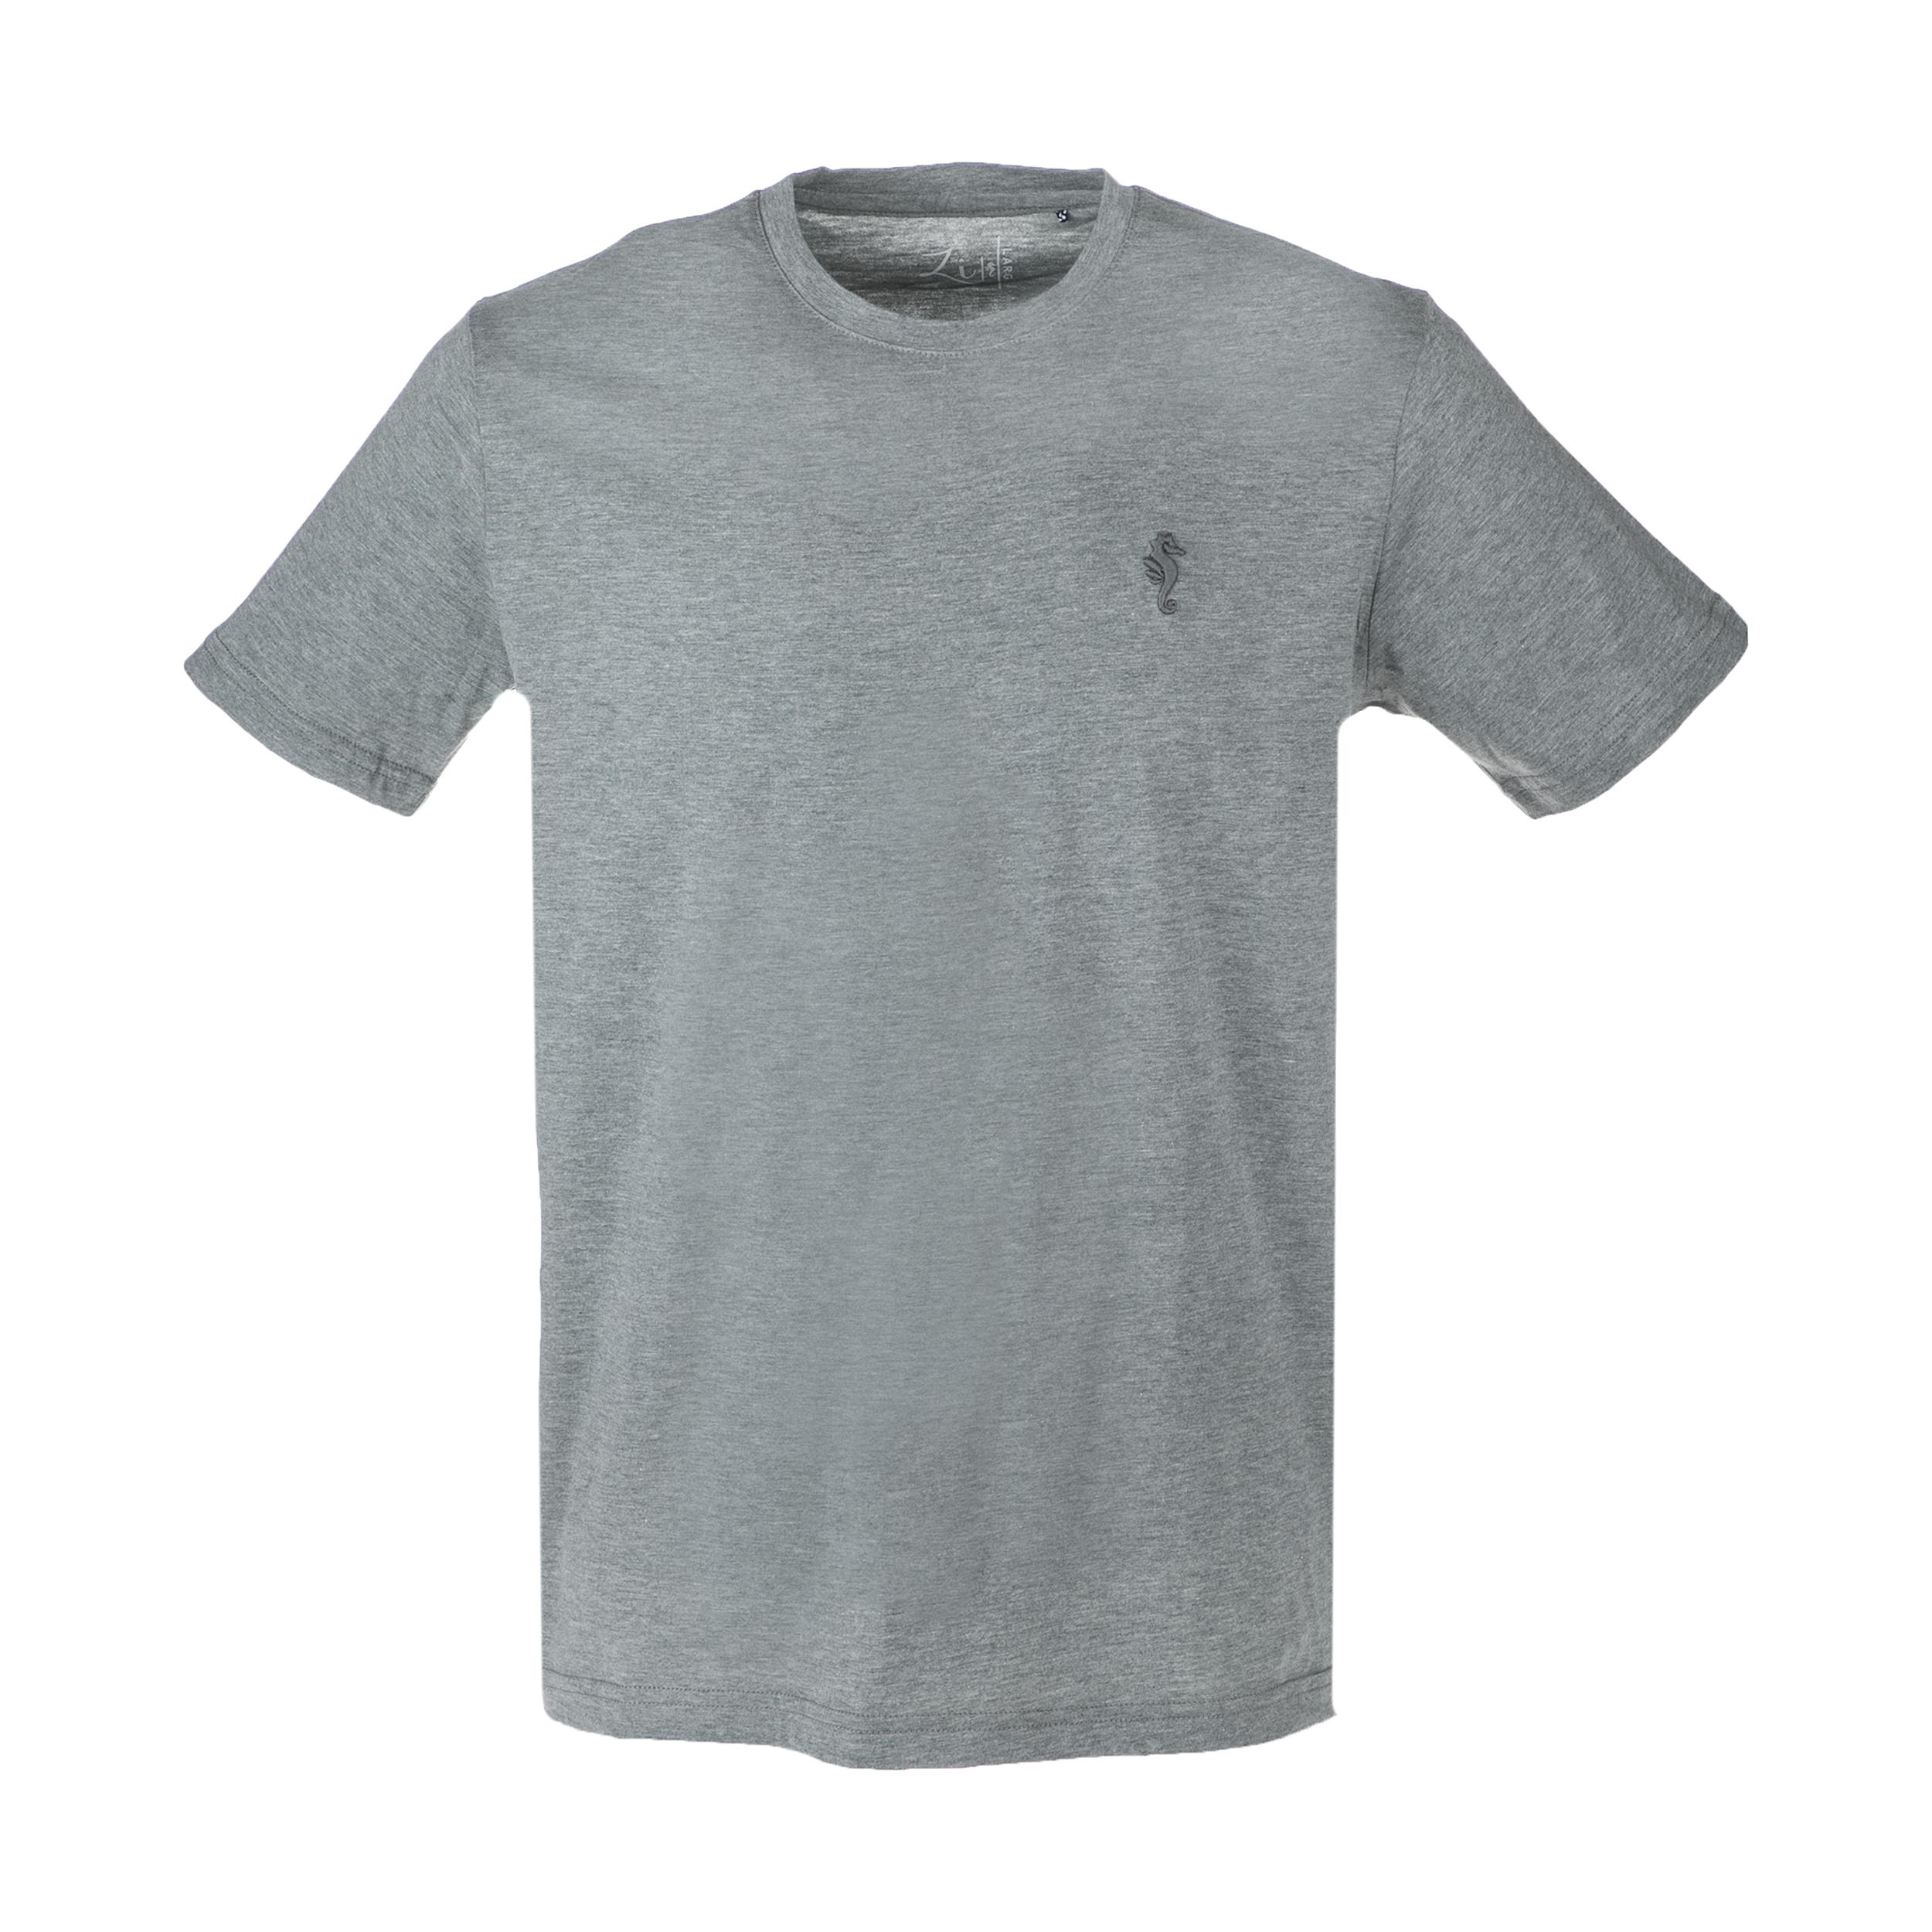 تی شرت مردانه زی مدل 153113148